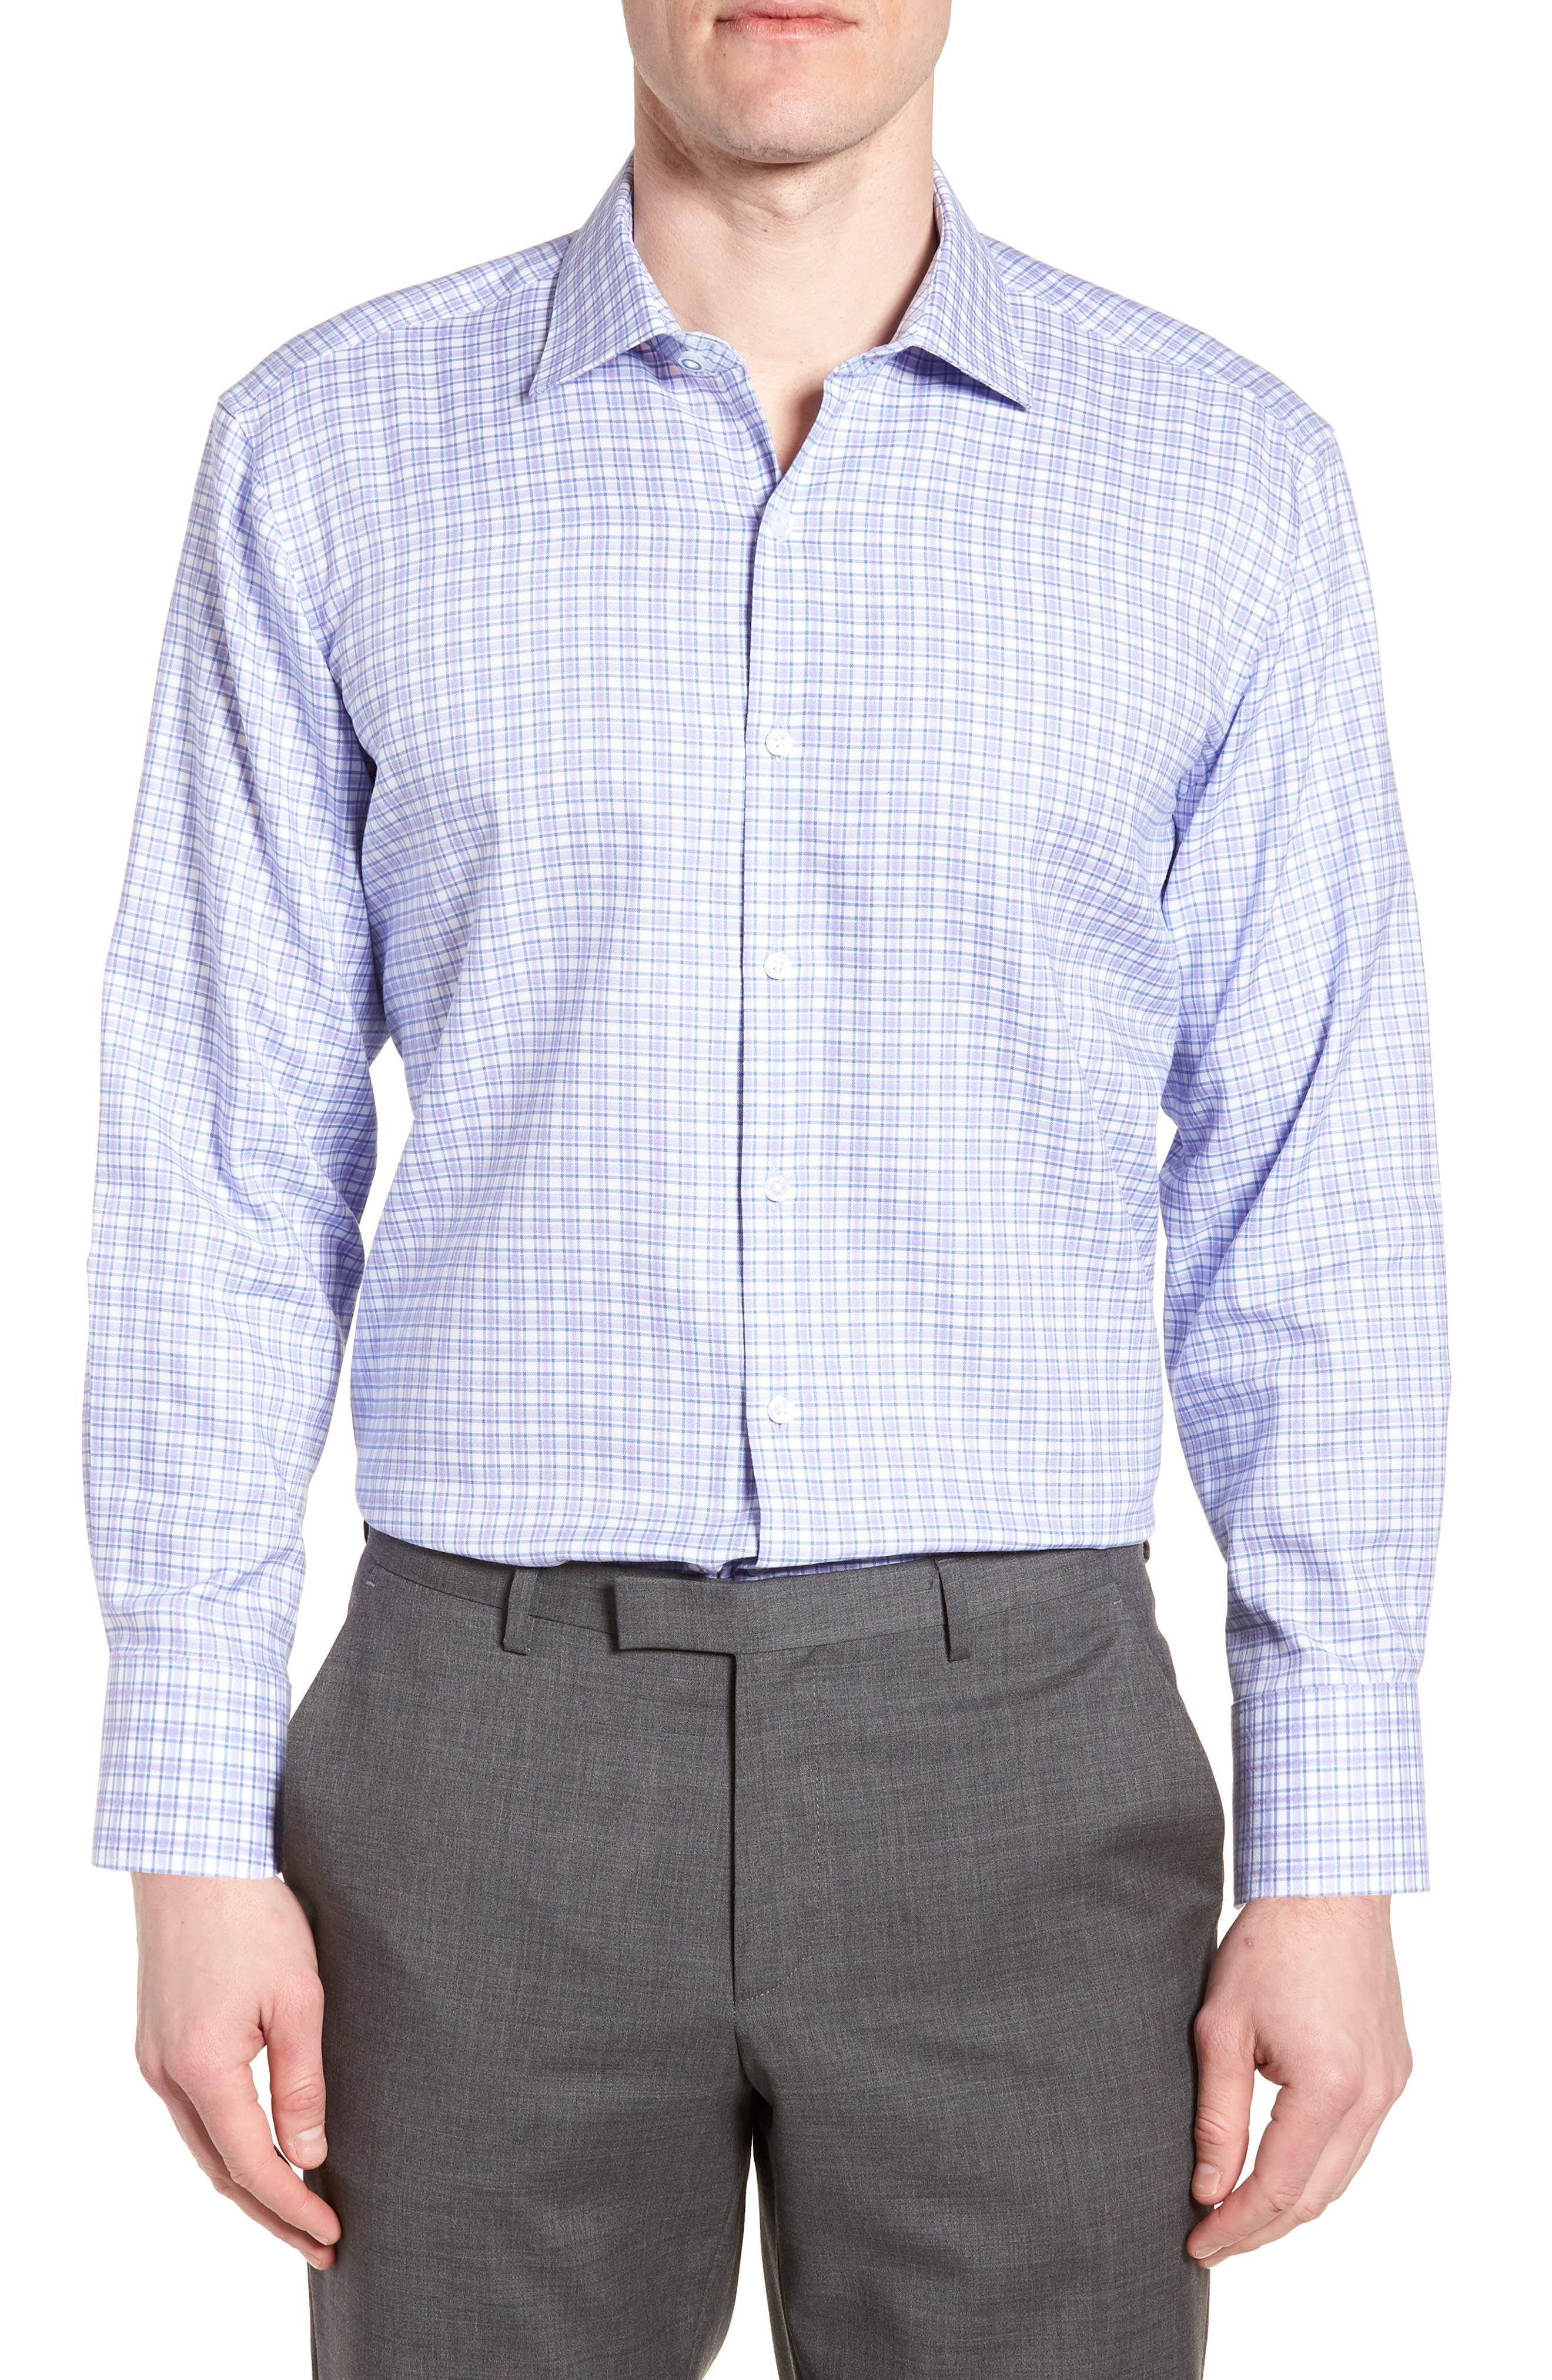 Neil Trim Fit Check Dress Shirt,                             Main thumbnail 1, color,                             Lavender